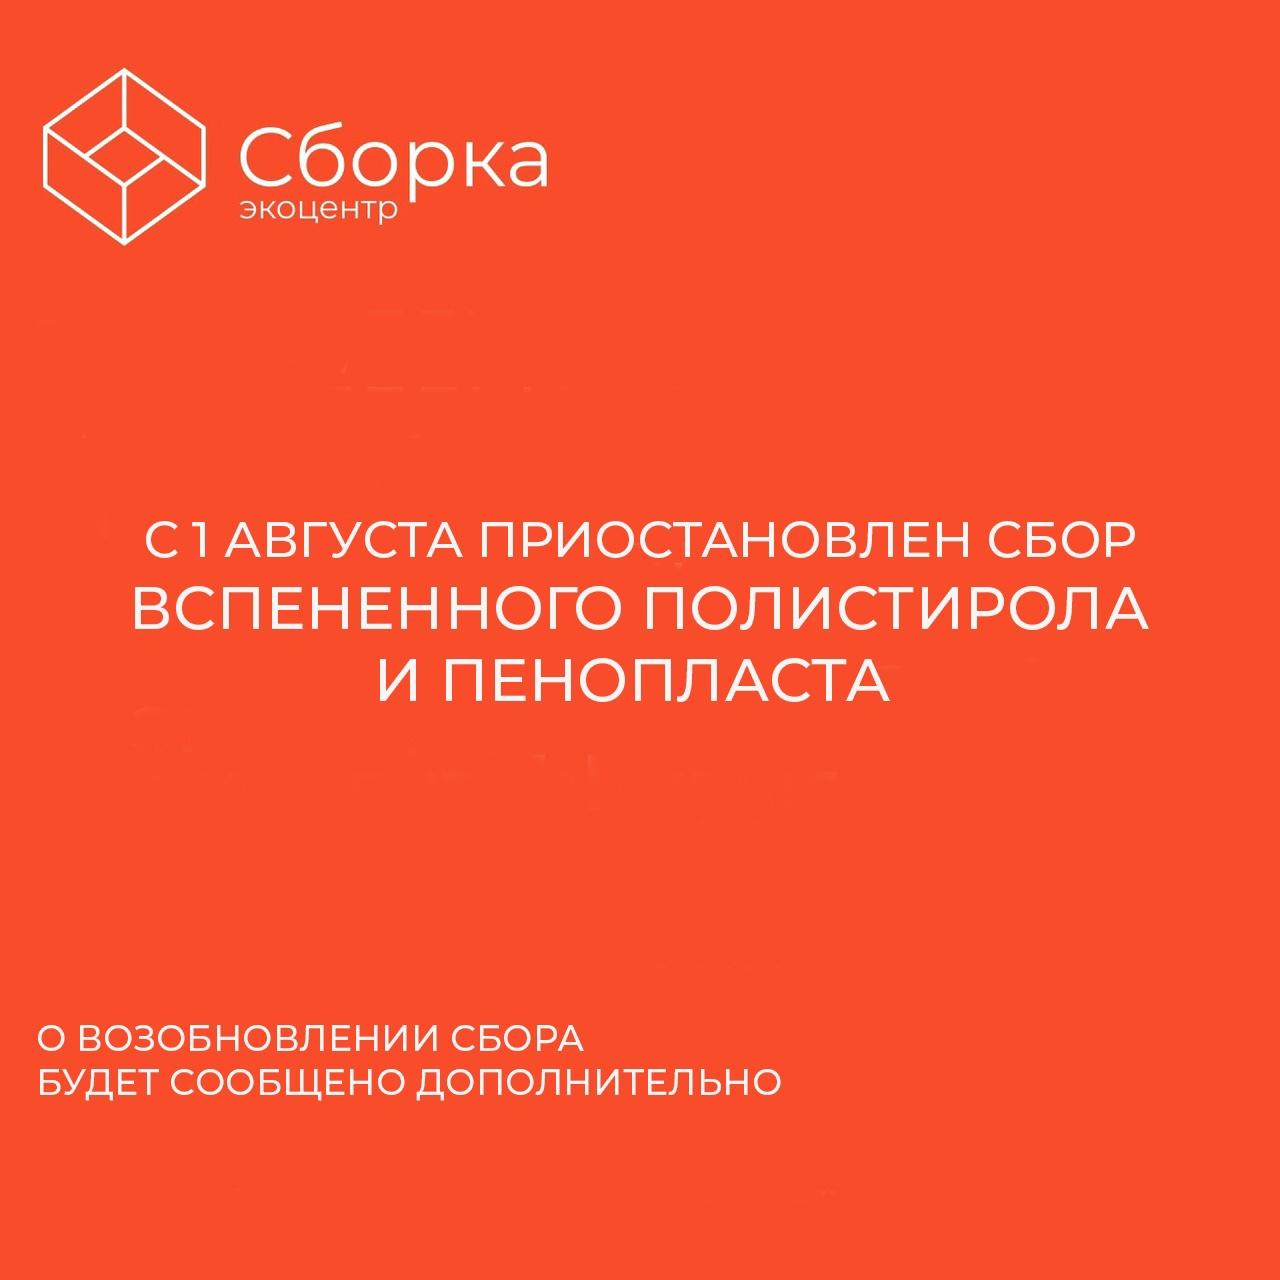 """с 1 августа в Экоцентре """"Сборка"""" временно приостанавливается прием вспененного полистирола"""